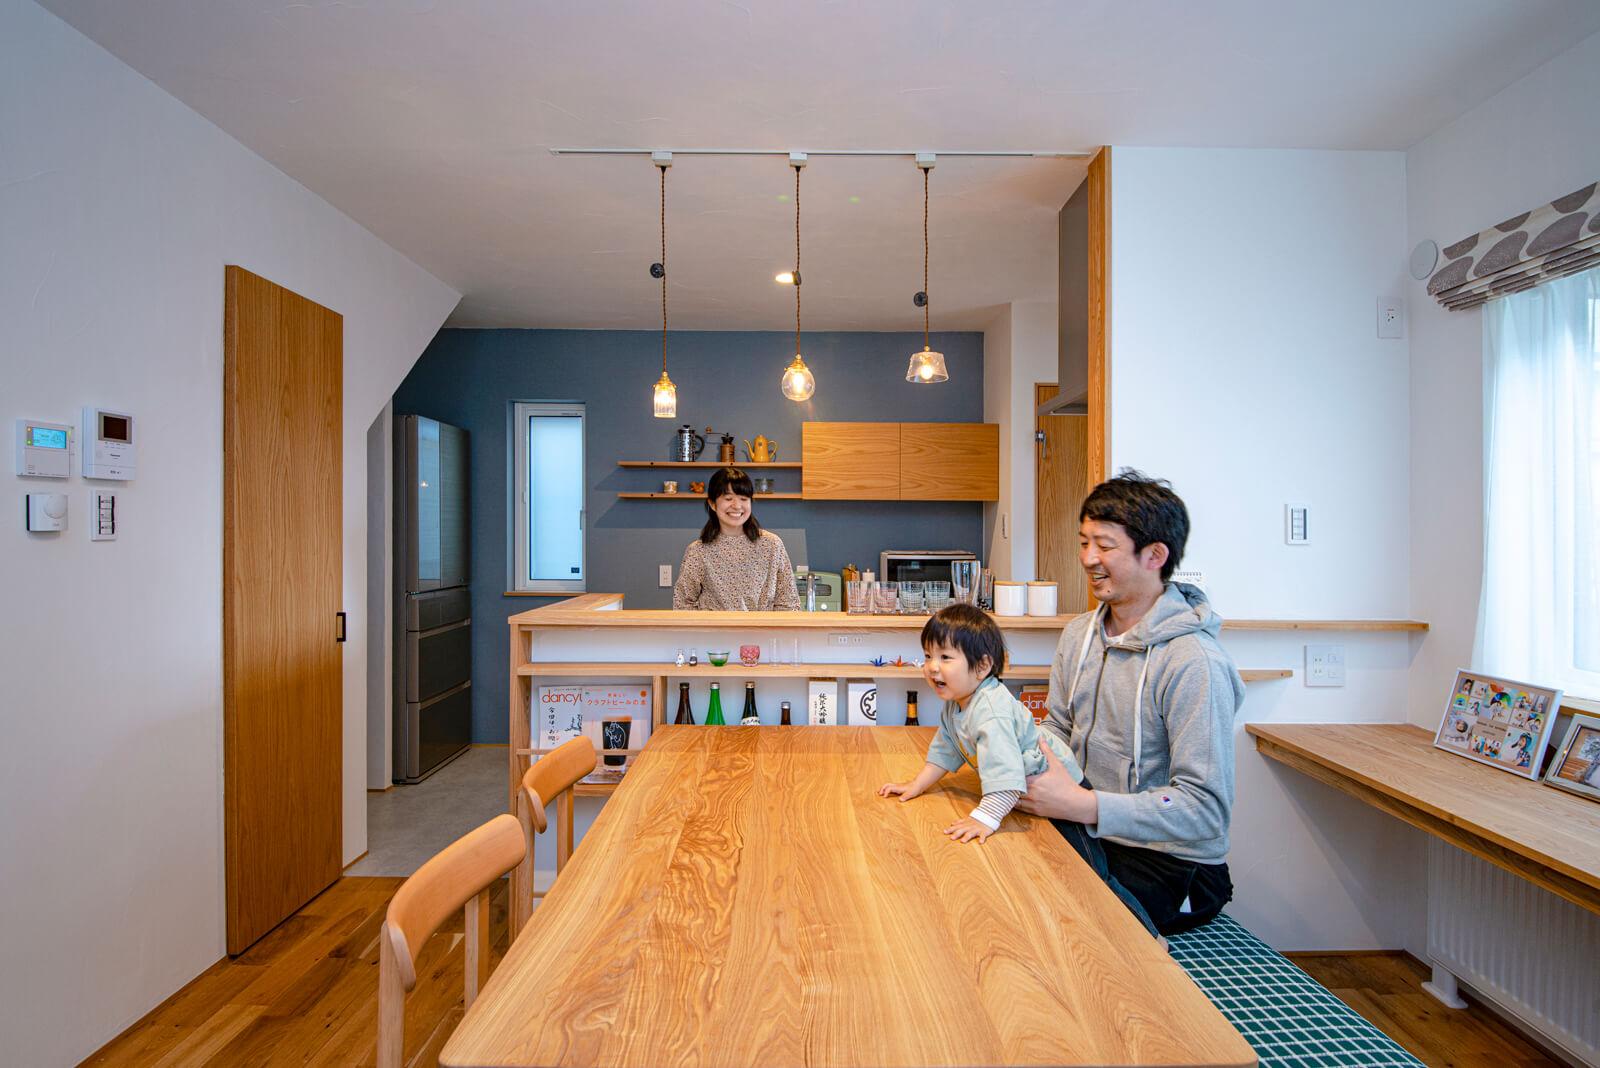 ダイニング・キッチンまわりのカウンターや収納、ダイニングテーブルは、タモ材を用いた造作。木の温もりあふれる造作の数々はキクザワならでは